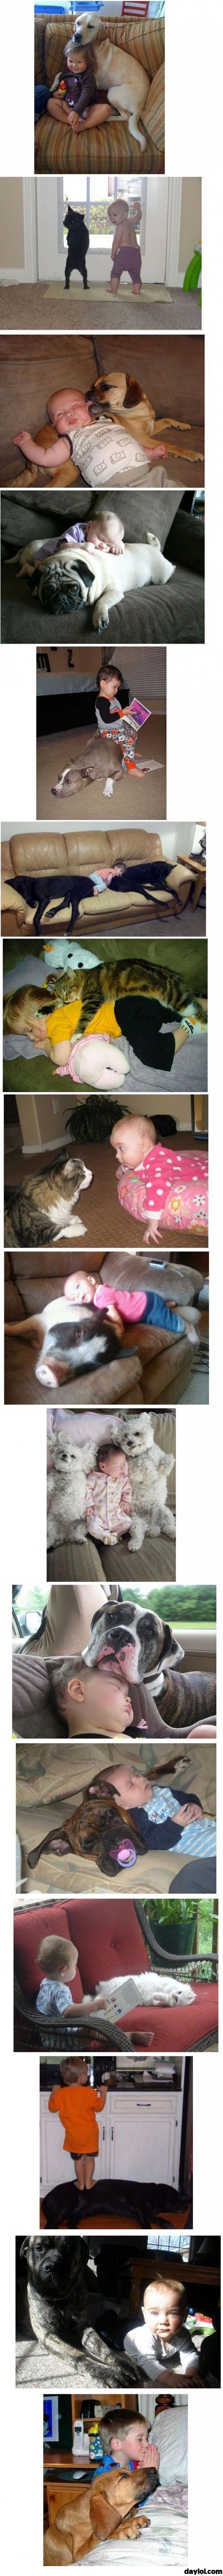 Kids and animals